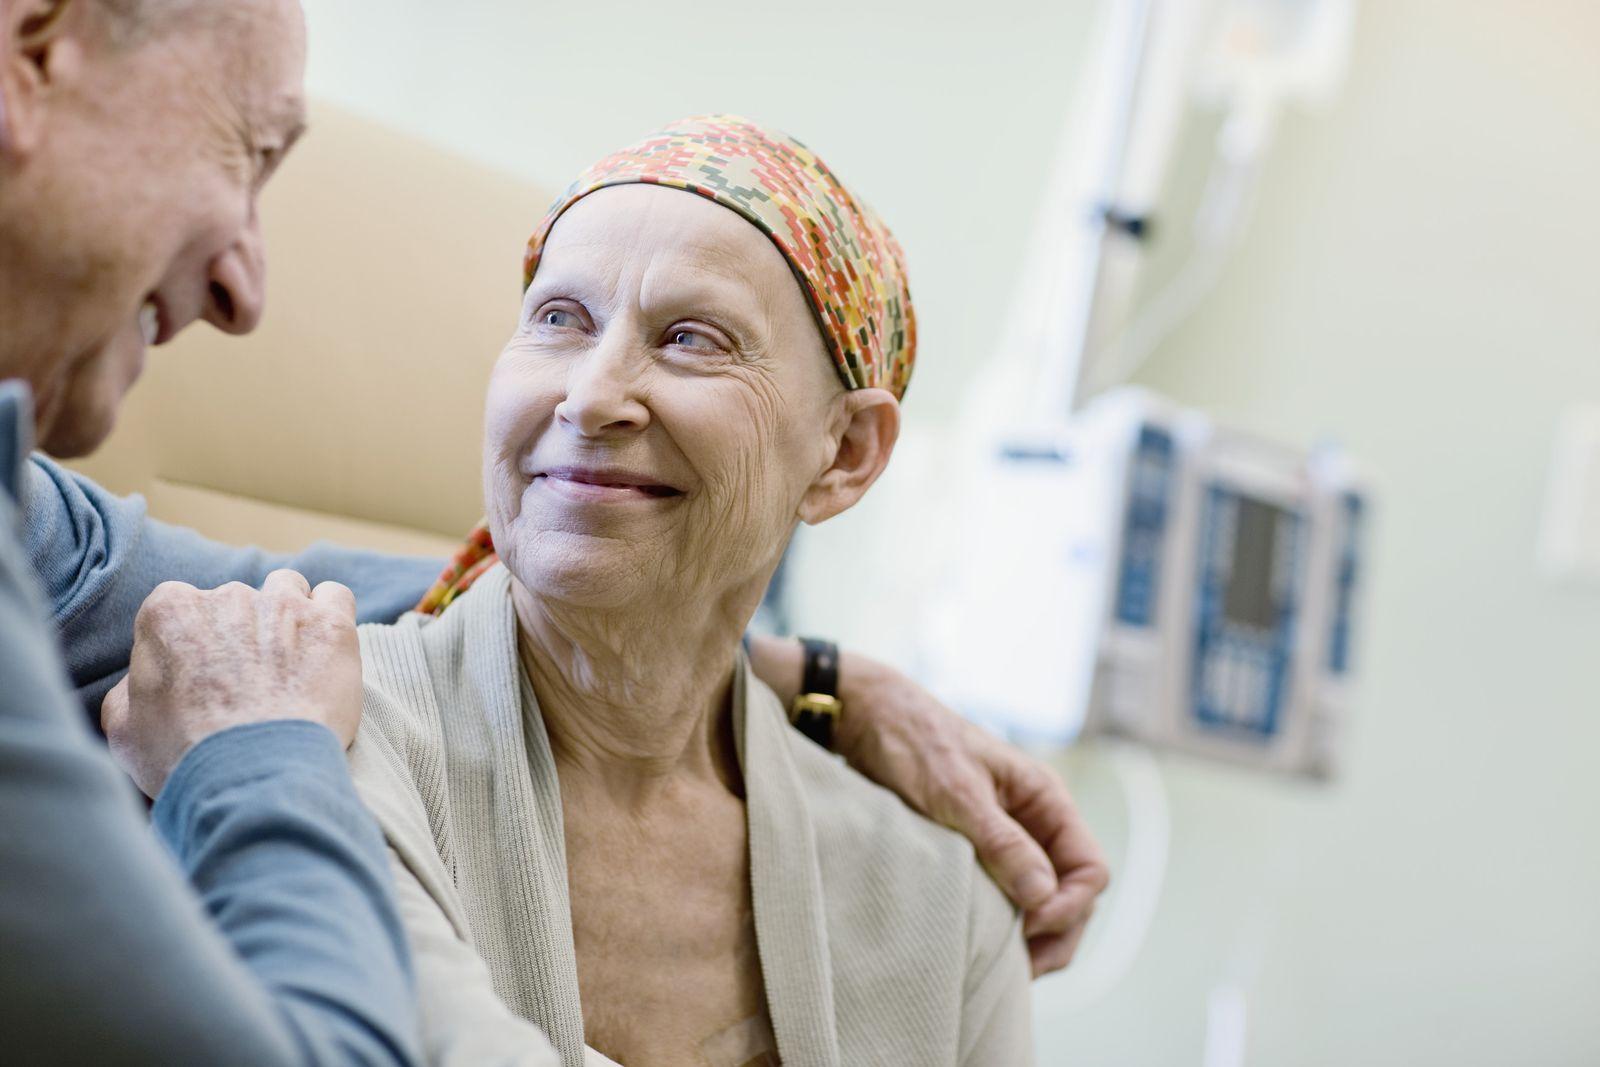 NICHT MEHR VERWENDEN! - Krebs / Patient